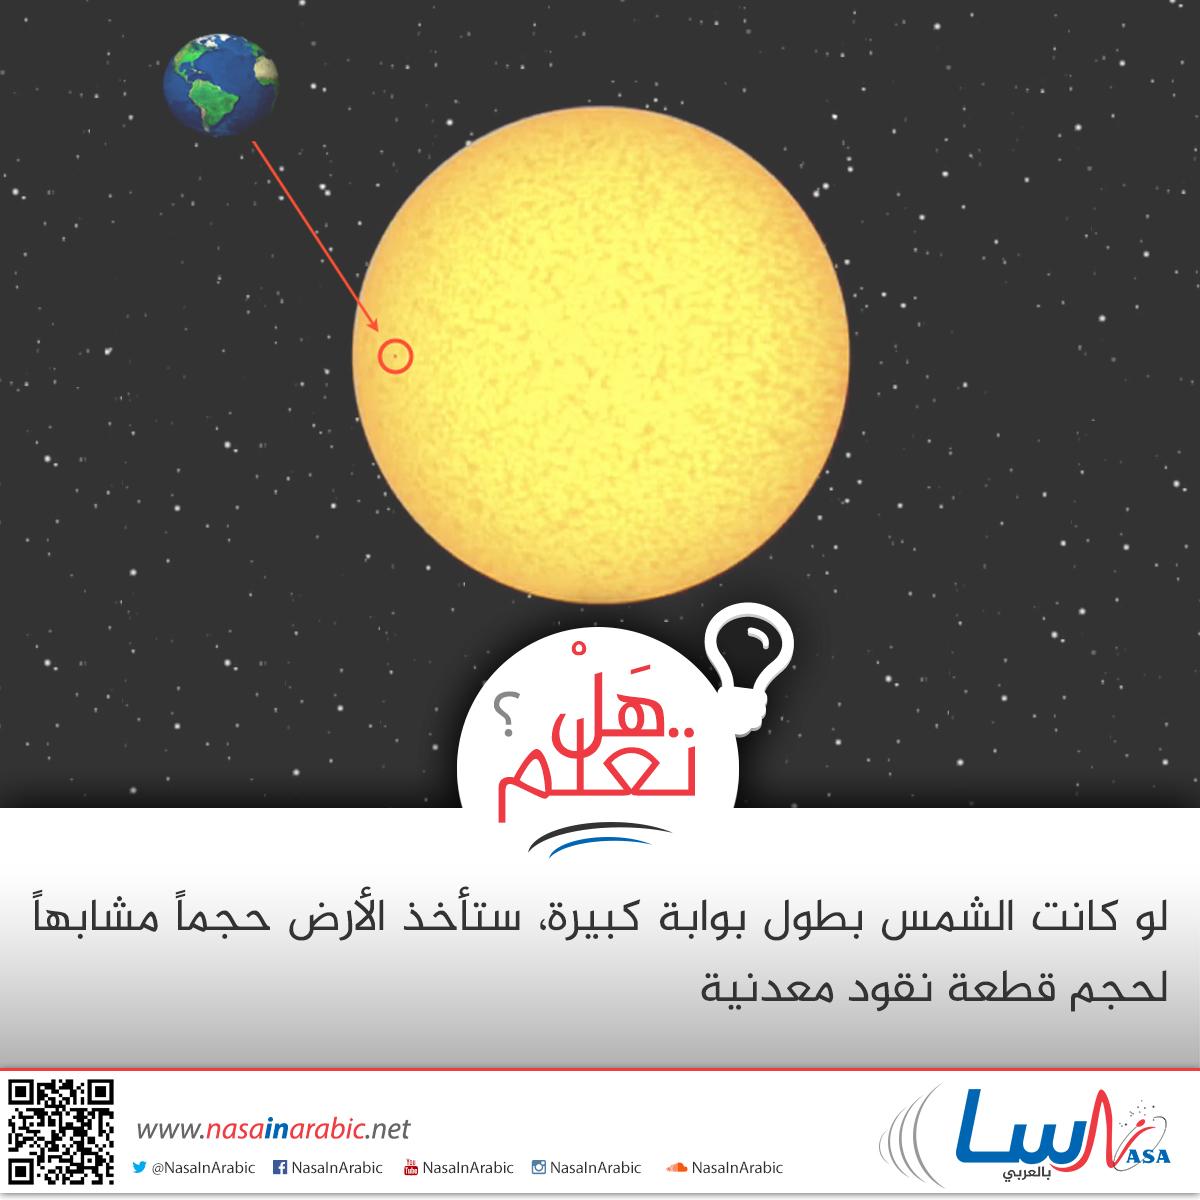 مقارنة بين حجم  الشمس والارض